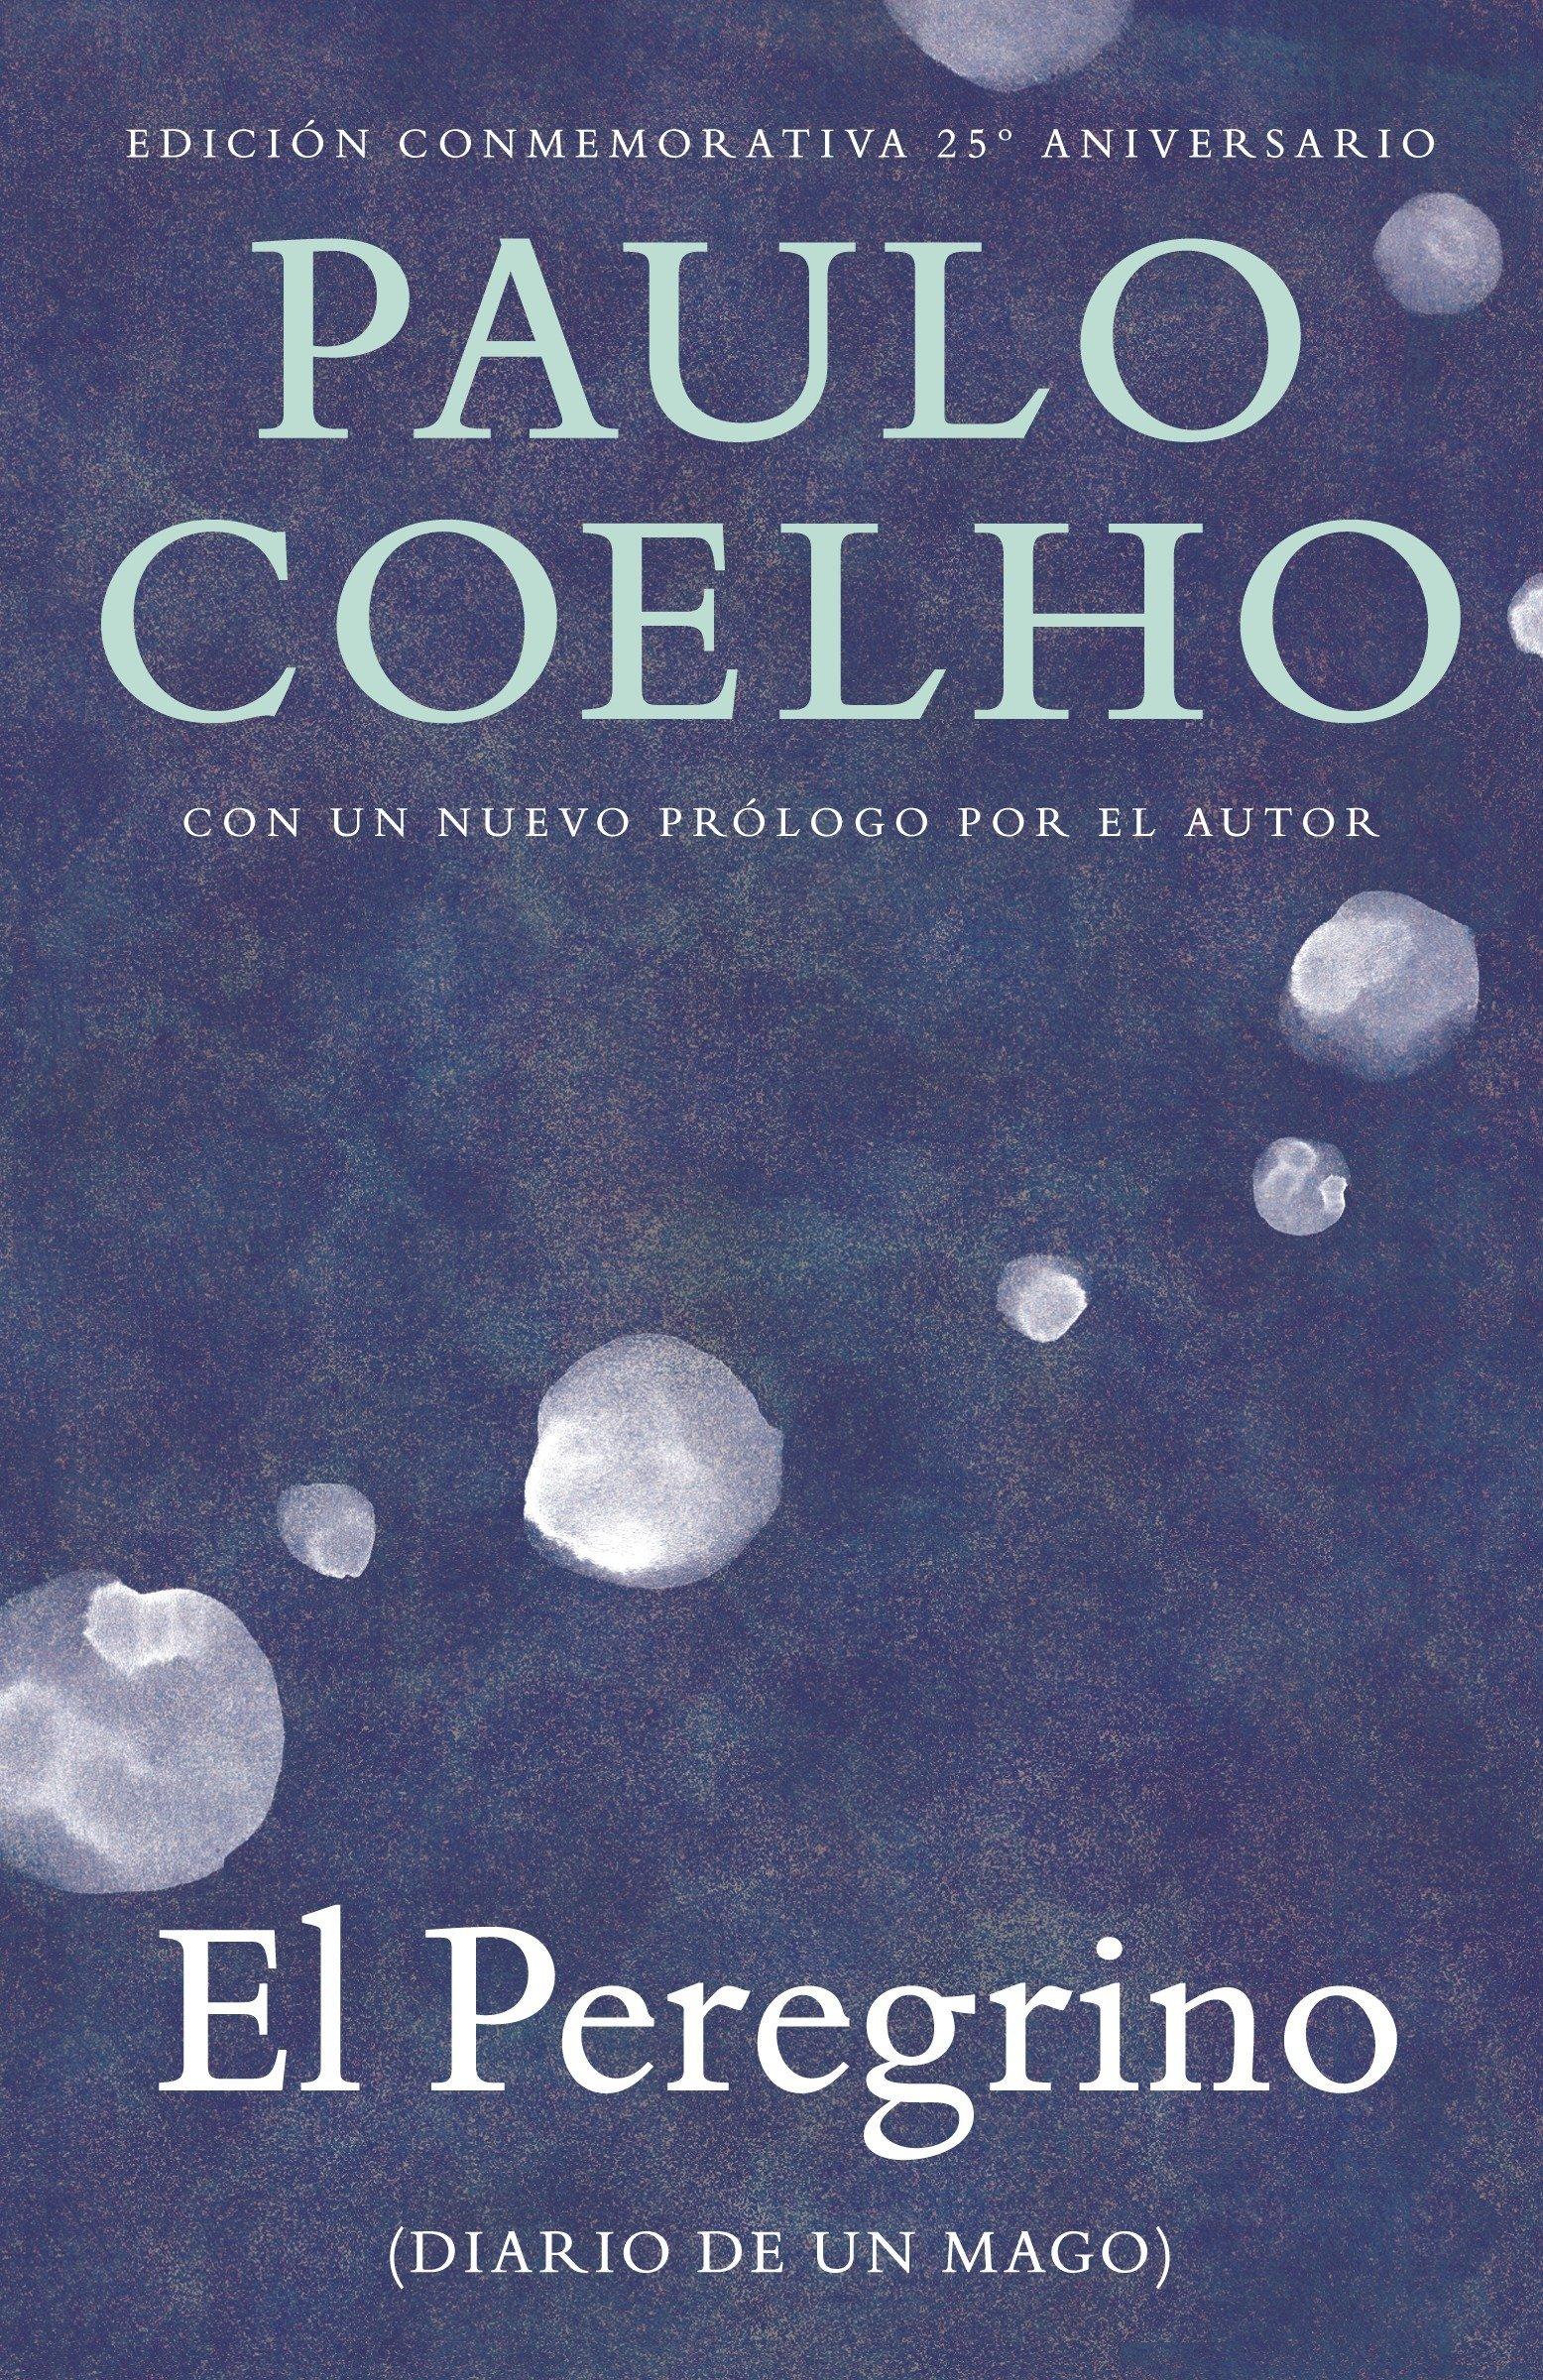 El peregrino: (Diario de un mago) (Spanish Edition): Paulo Coelho: 9780345807045: Amazon.com: Books